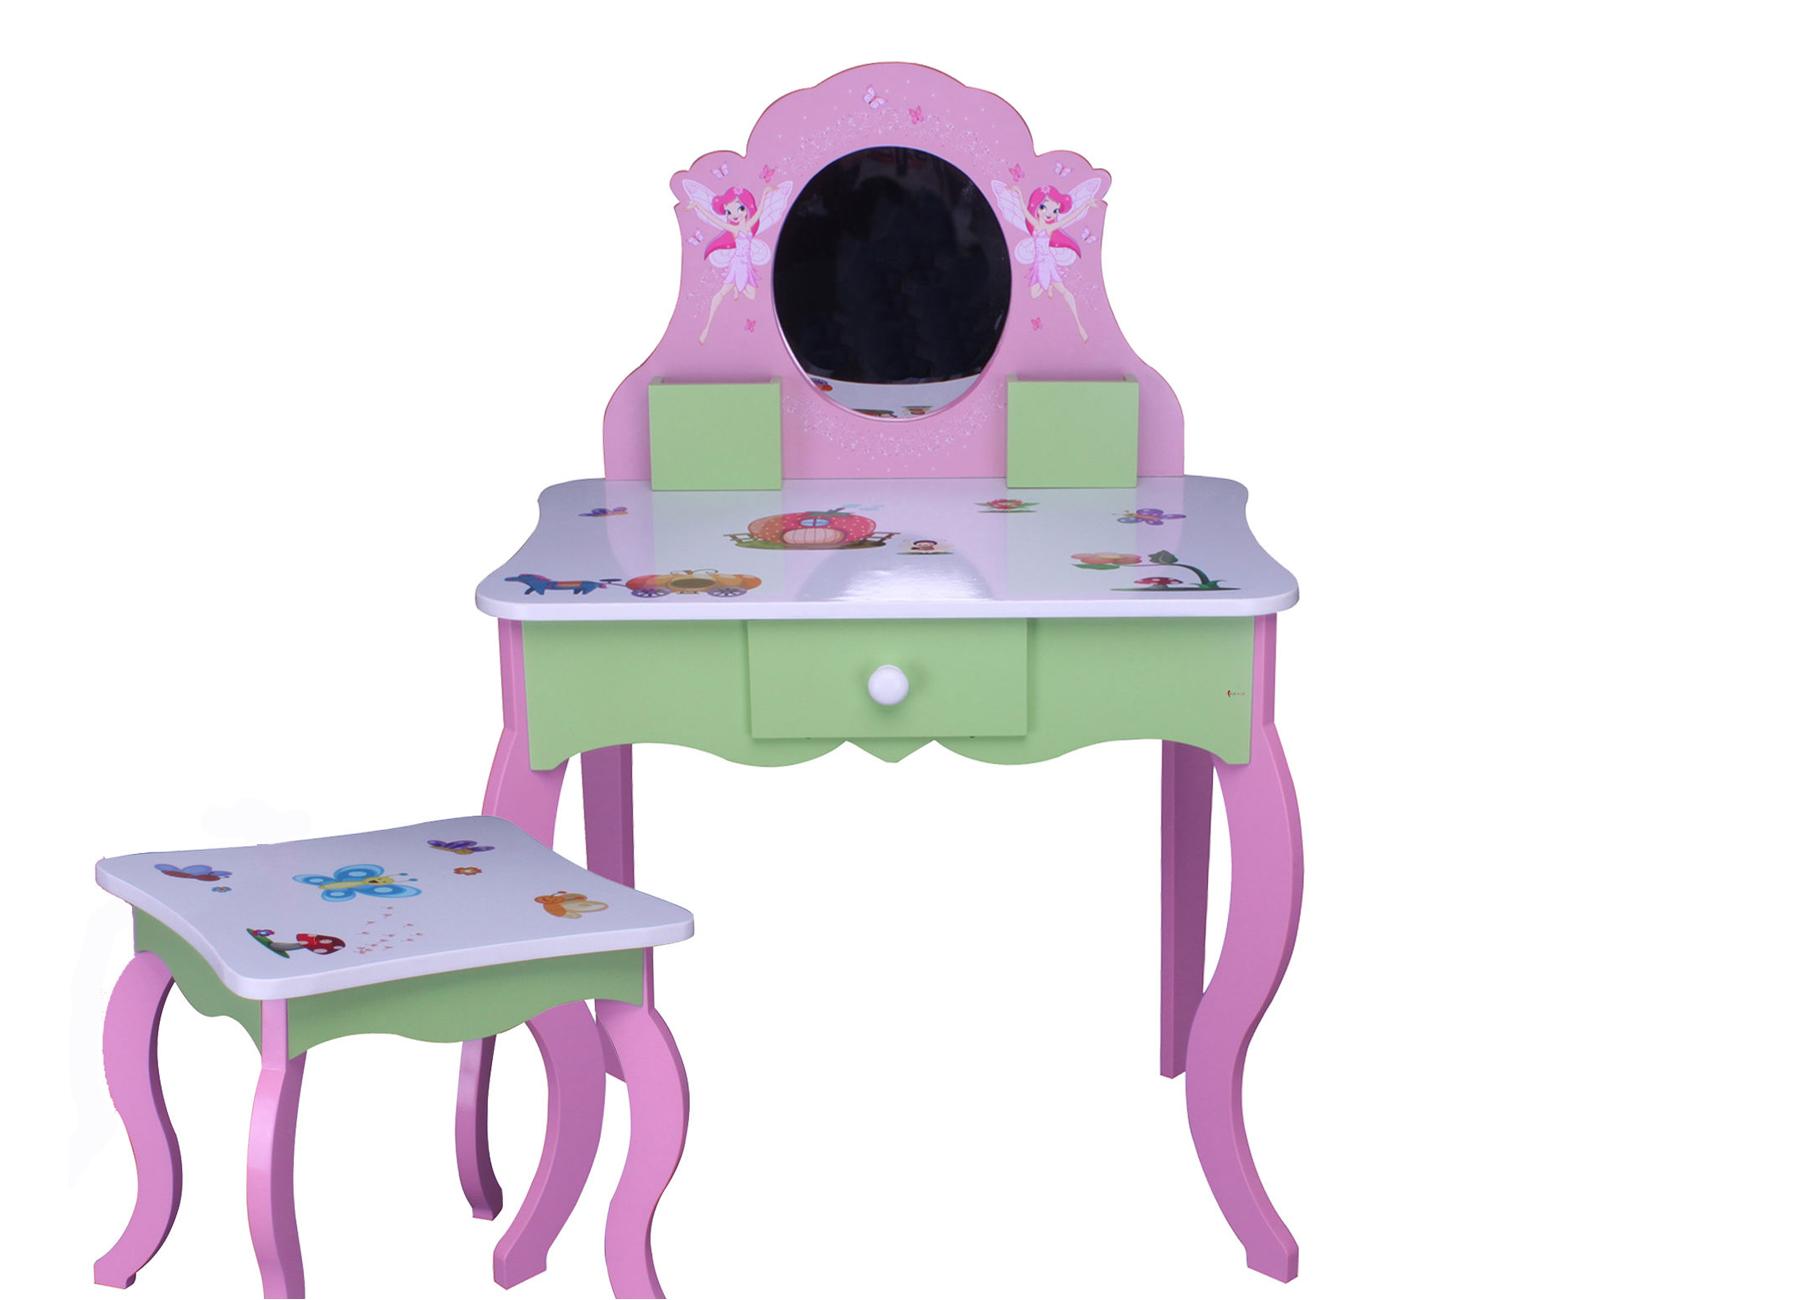 kinder schminktisch rosa 426 kindertisch frisiertisch kommode spiegel tisch holz ebay